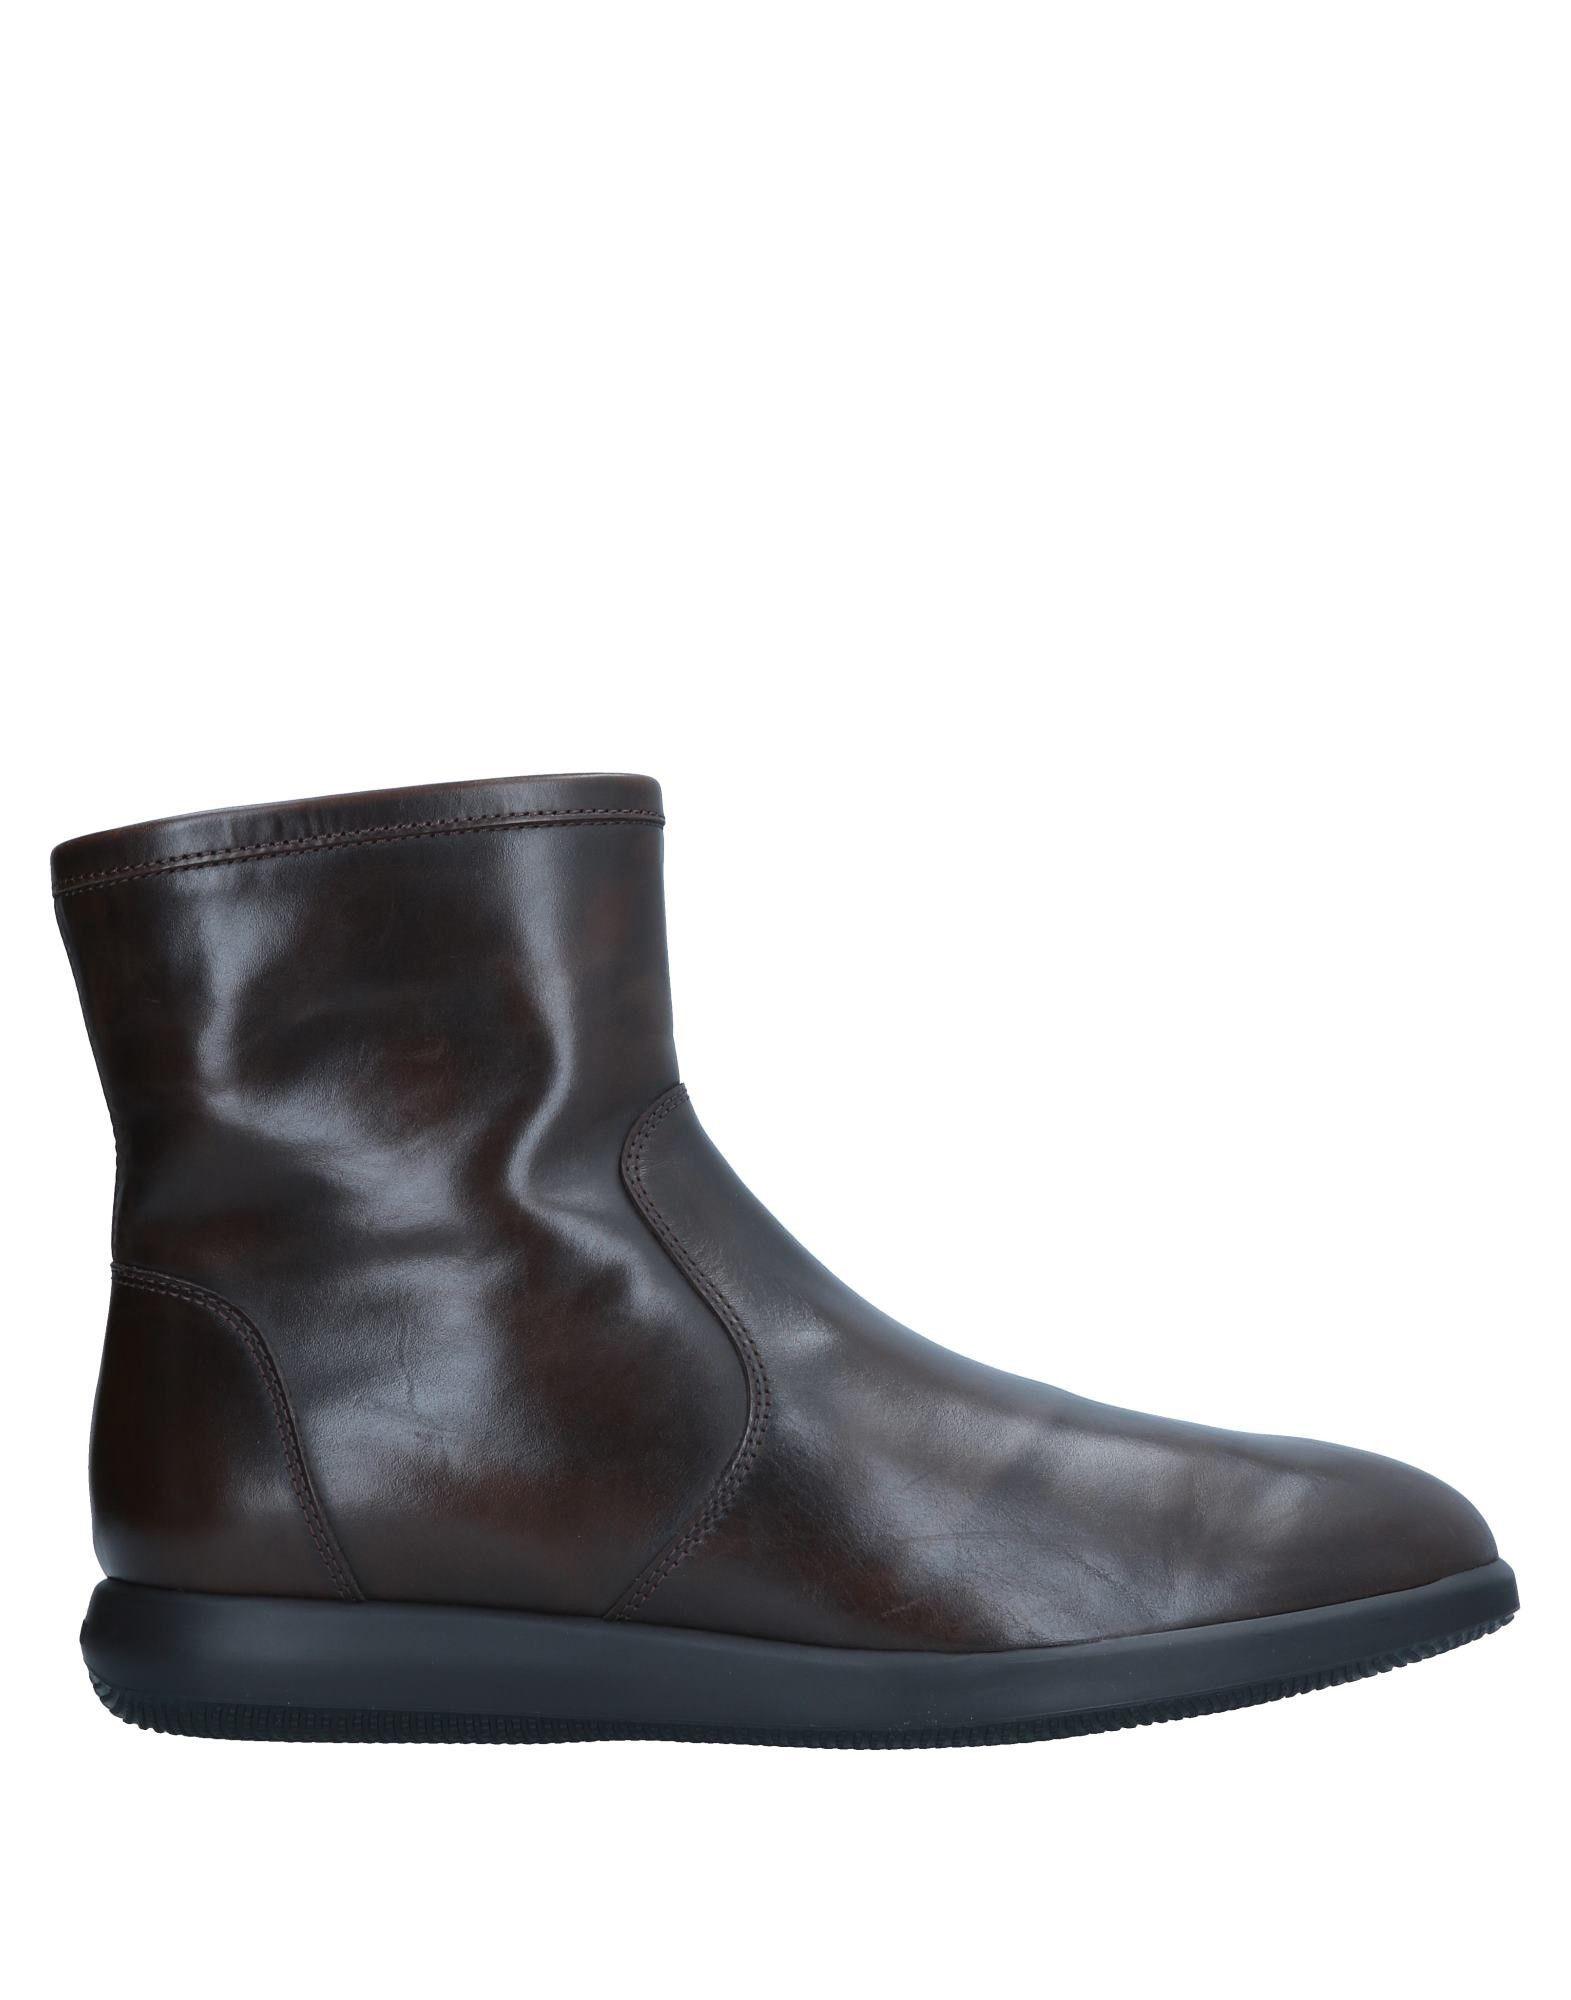 Hogan Stiefelette Herren  11544309IL Gute Qualität beliebte Schuhe